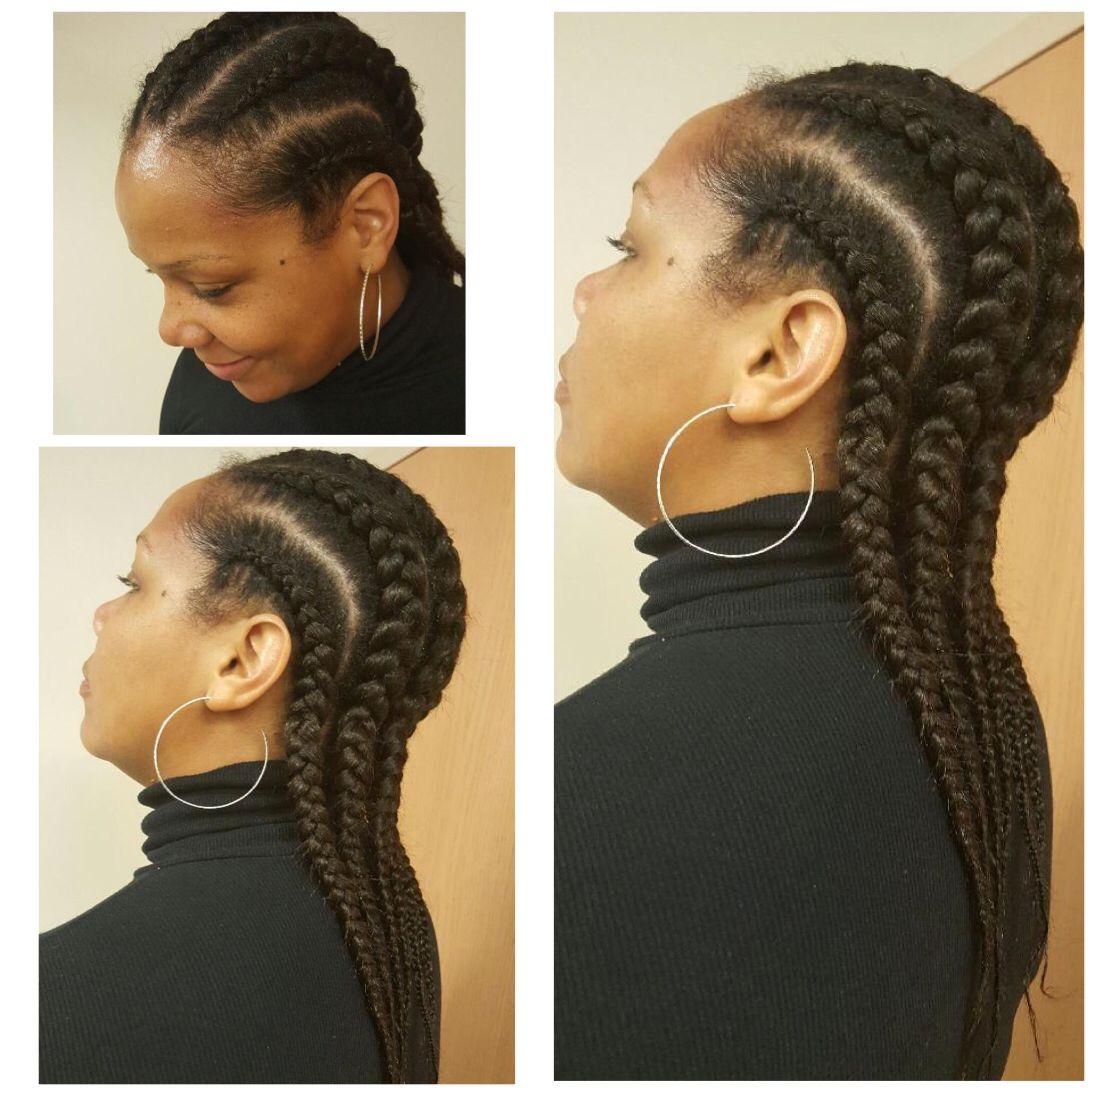 Goddess braids for this hair splendor beauty styled by owner kim